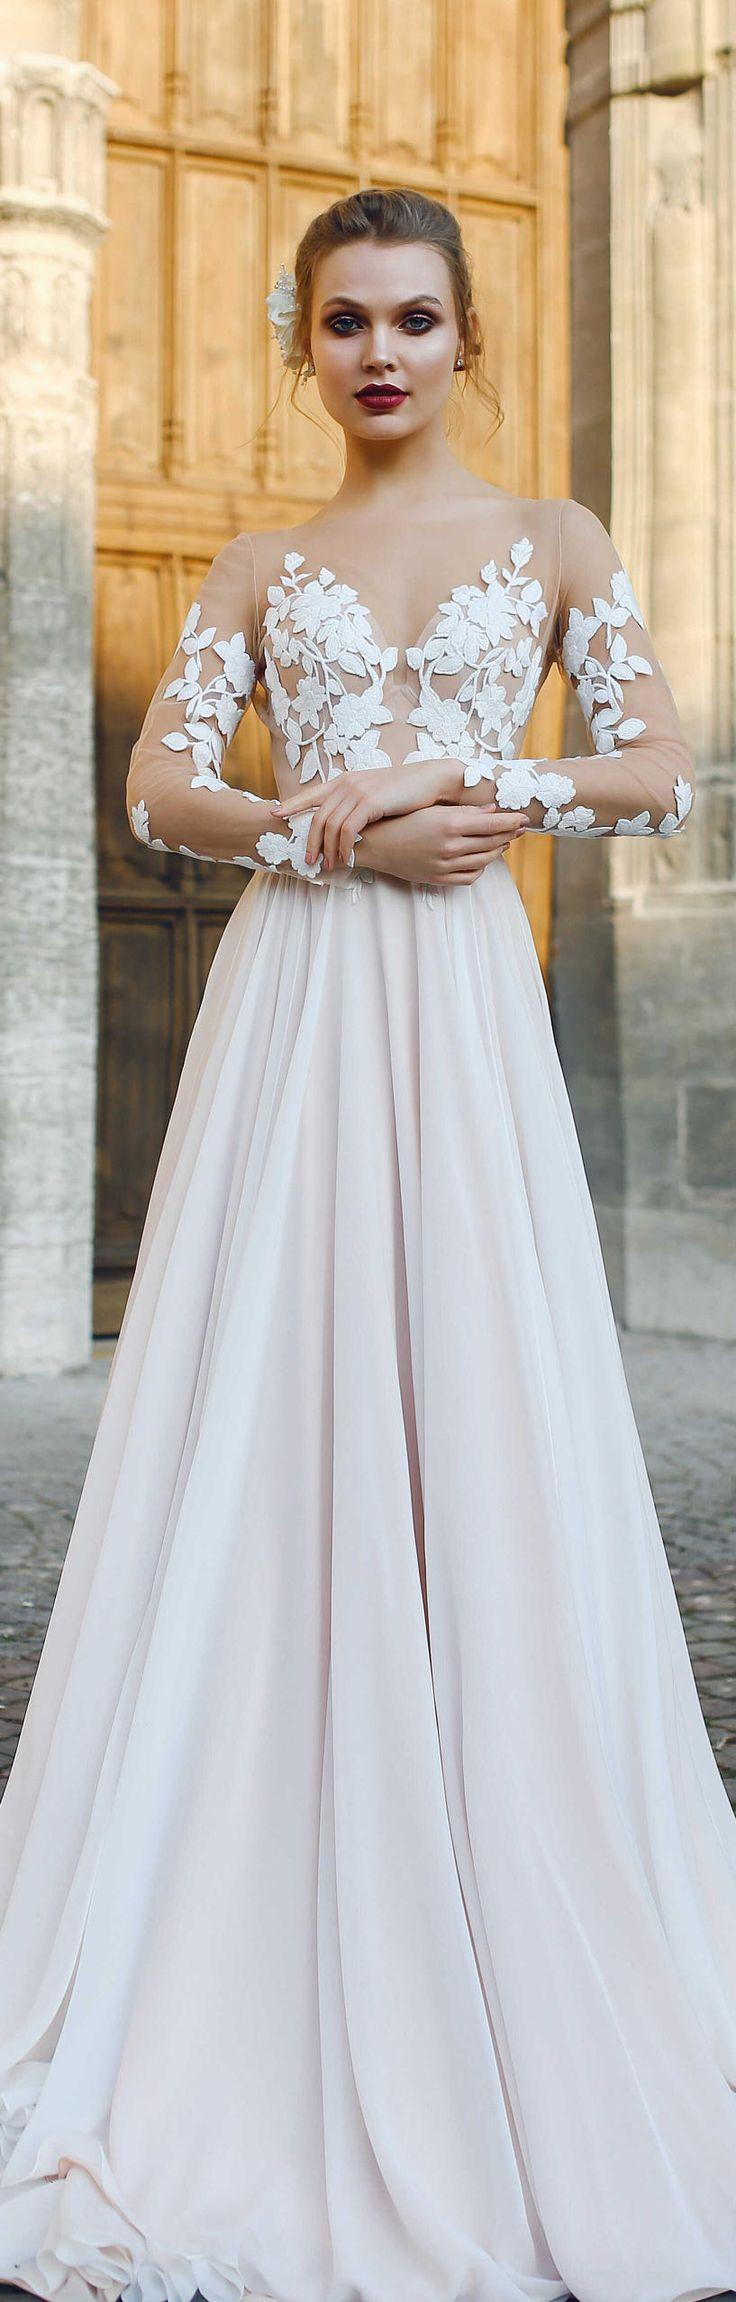 زفاف - Wedding Dress FILISI, Long Sleeve Wedding Dress, Simple Wedding Dress, Beach Wedding Dress, Wedding Dress Lace, Bohemian Wedding Dress